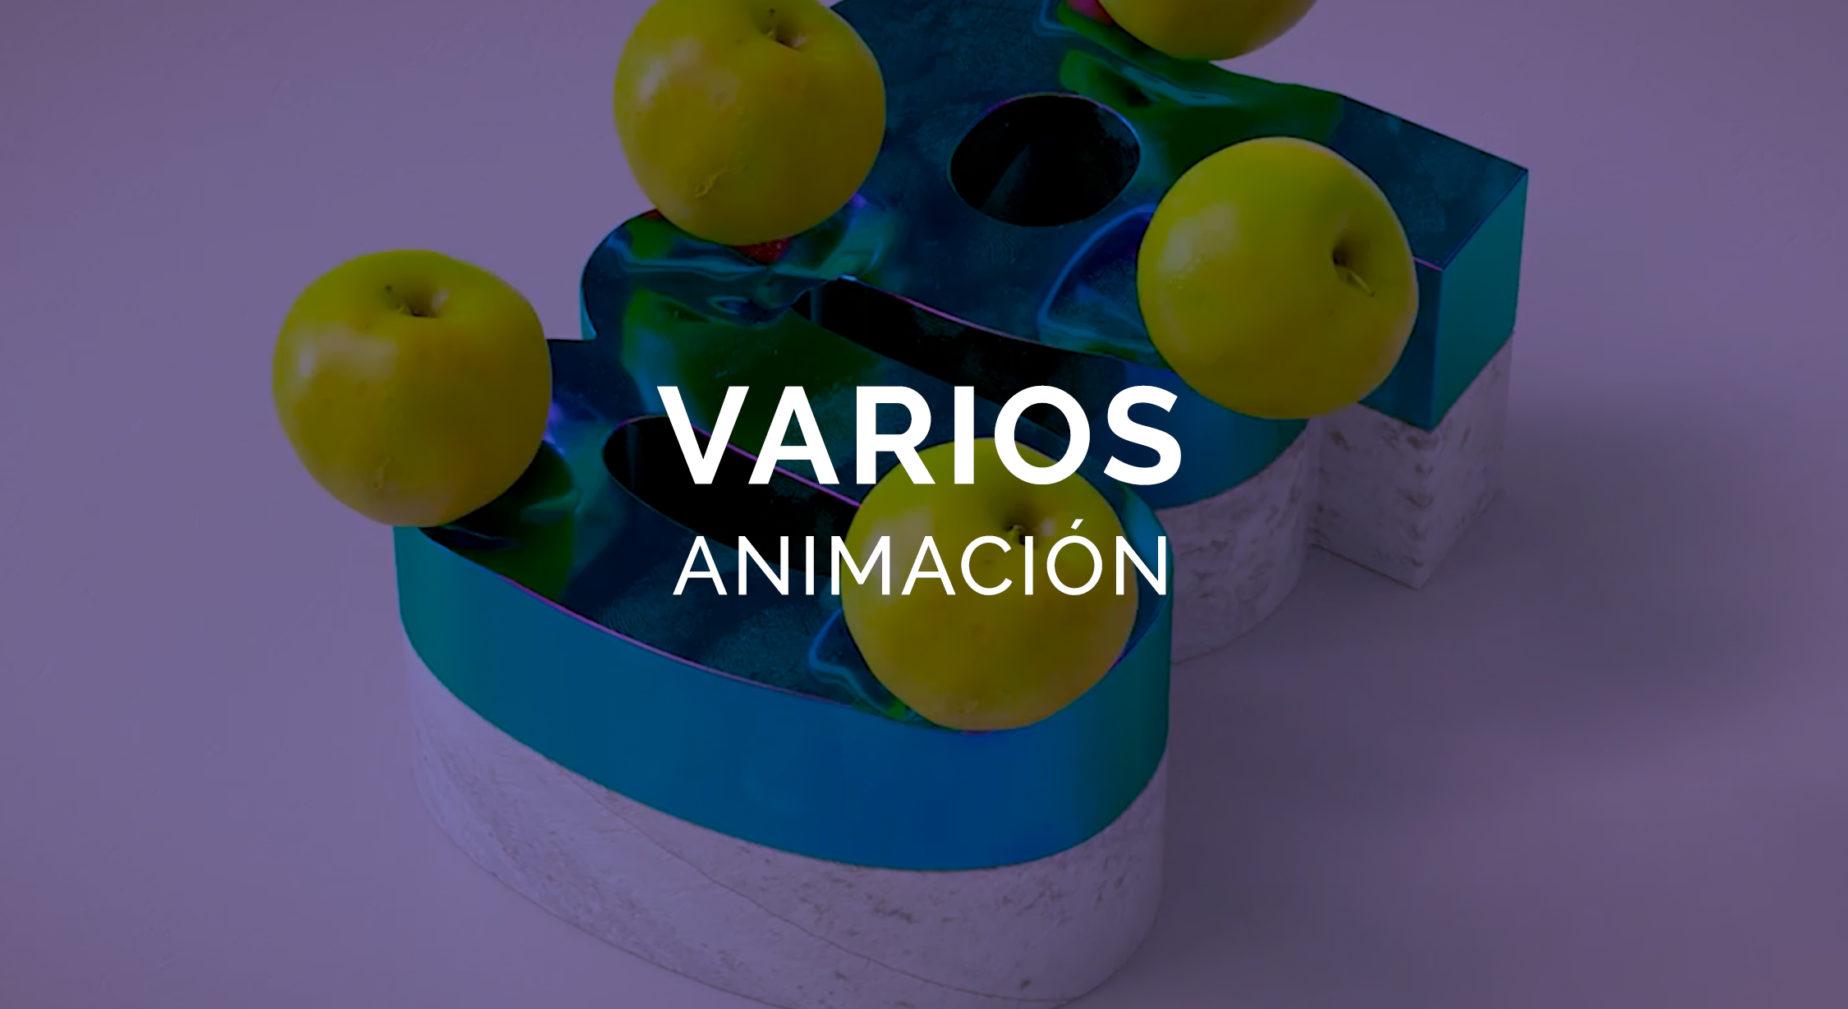 Reel Animación VARIOS